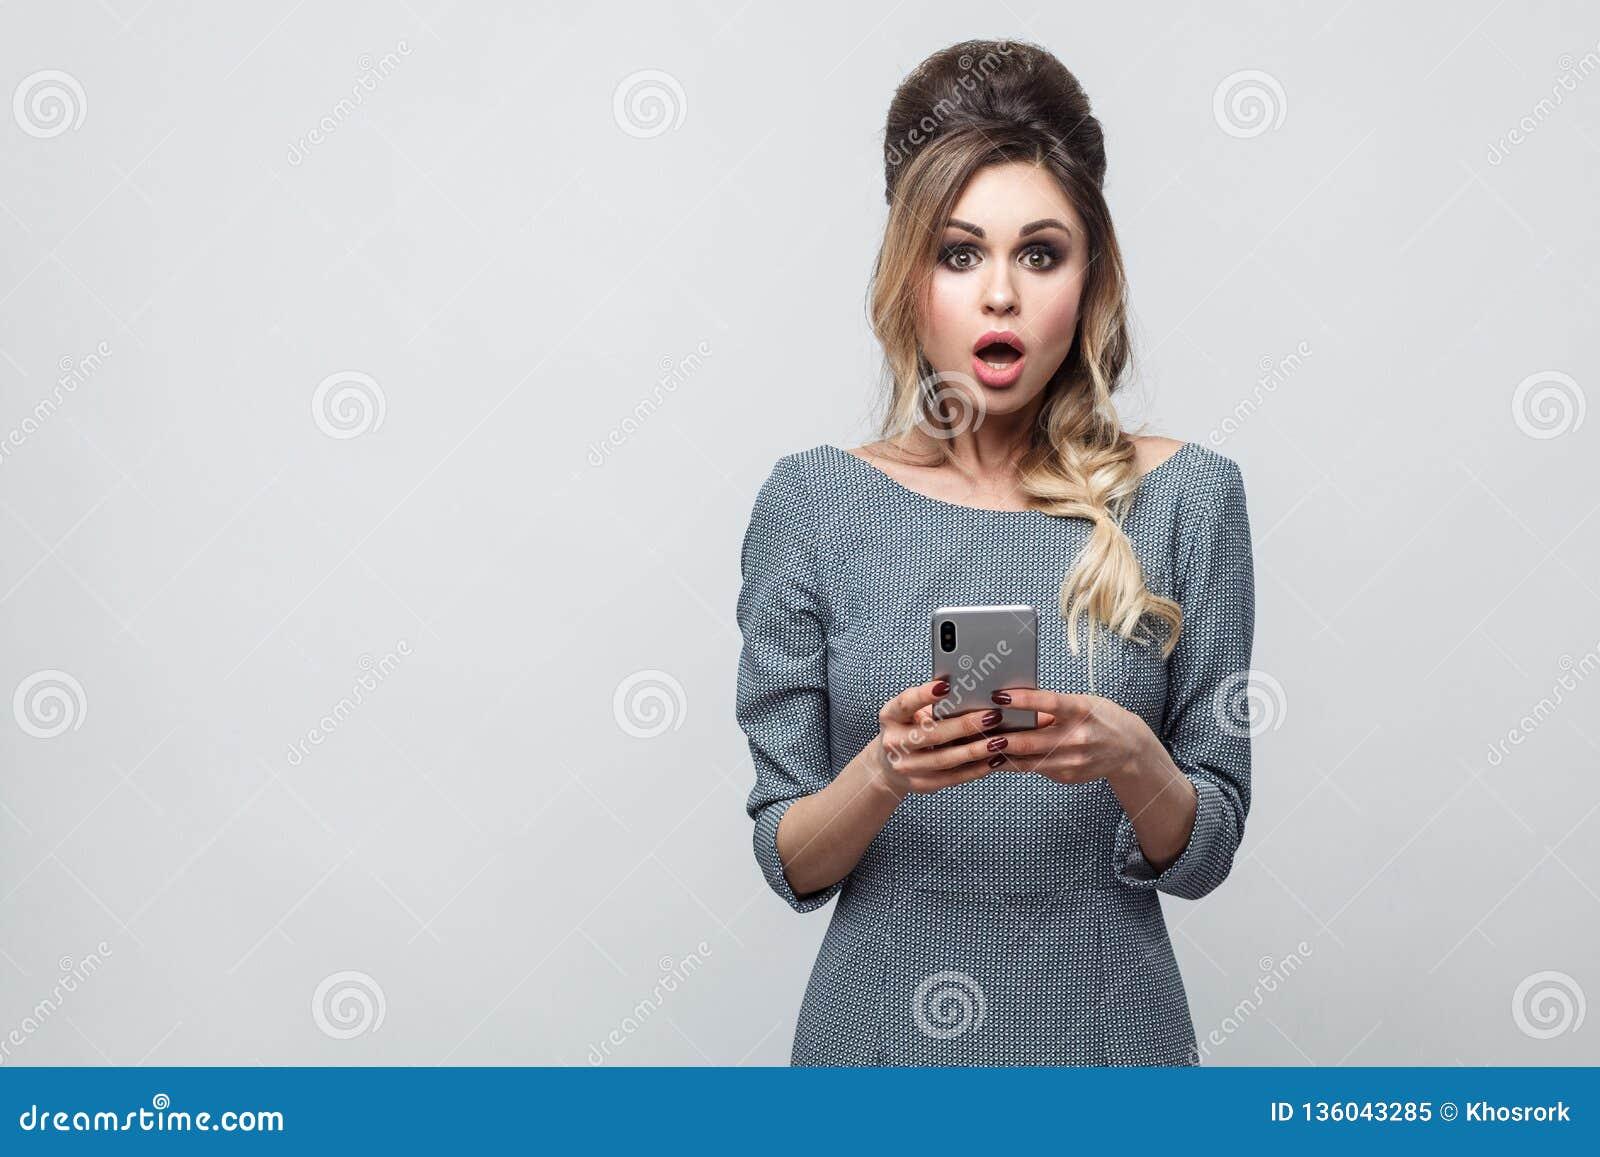 Portret van het geschokte mooie bloggertiener dragen in grijze kleding met vlecht bij hoofd status, het gebruiken van smartphone